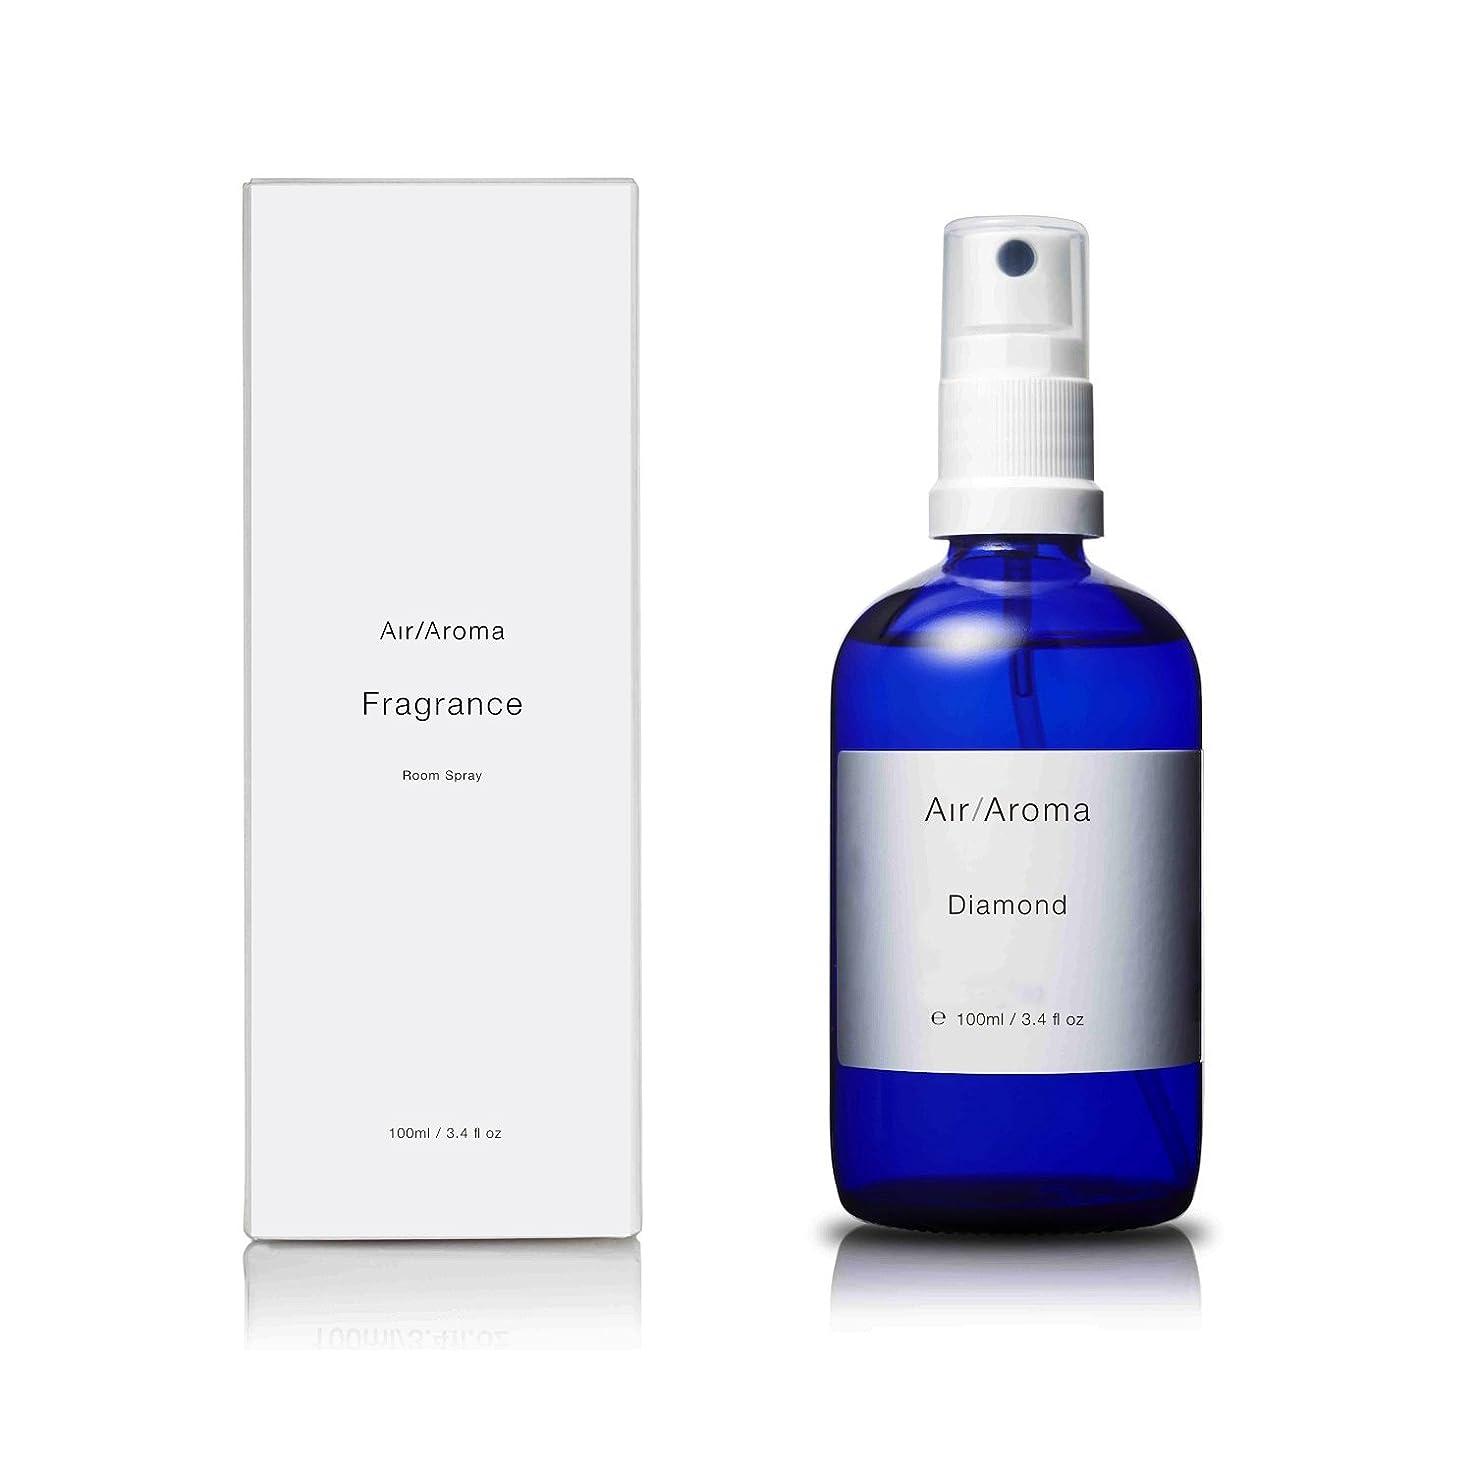 口まさに硫黄エアアロマ diamond room fragrance (ダイアモンド ルームフレグランス) 100ml